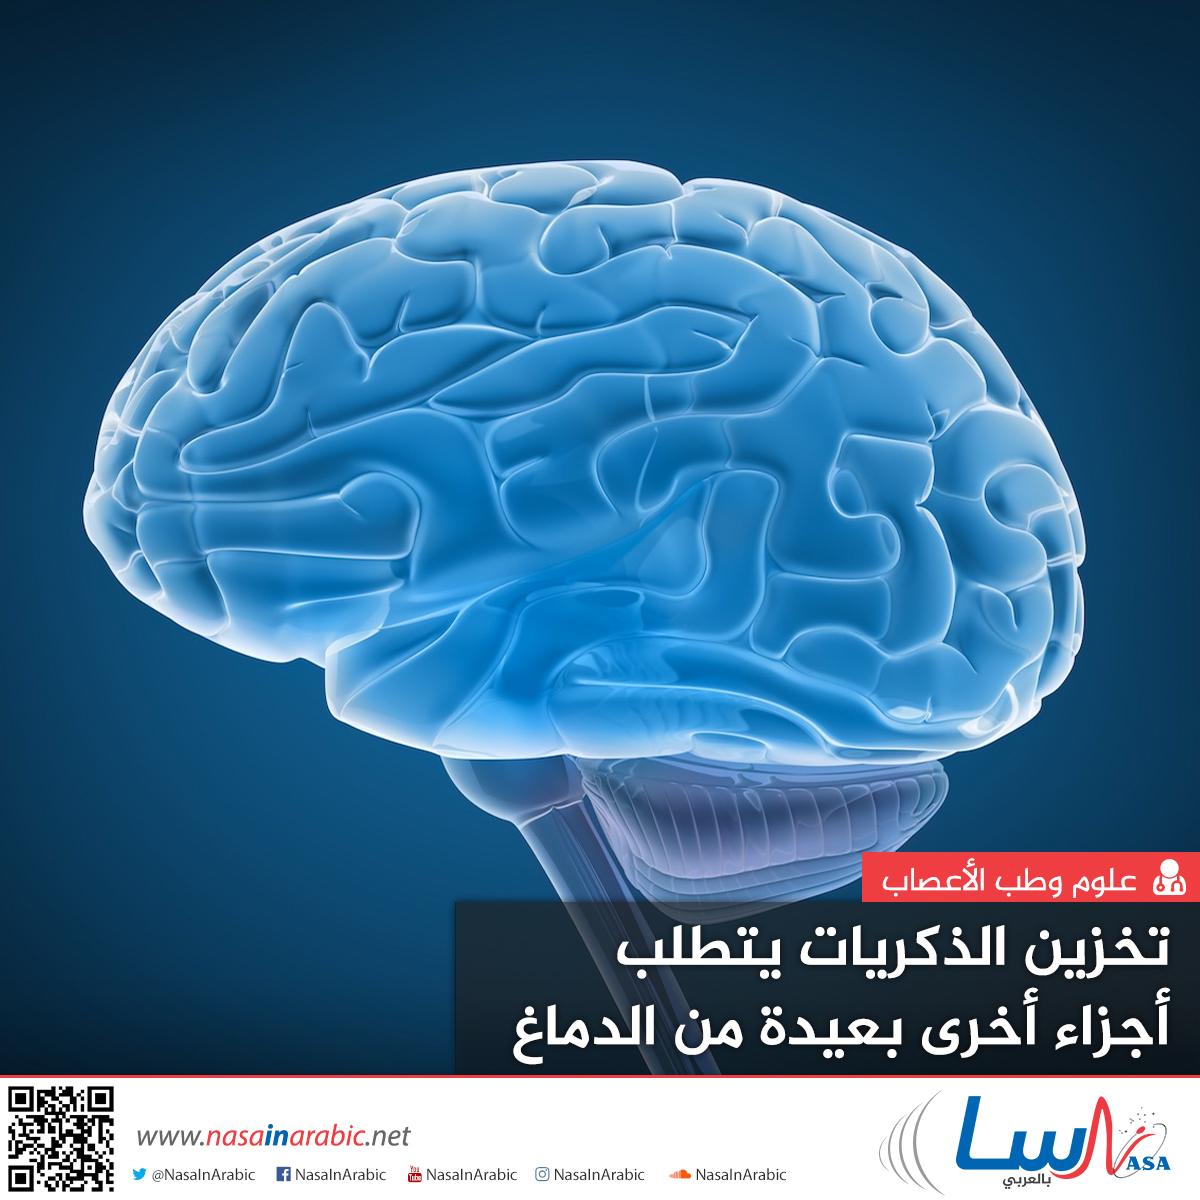 تخزين الذكريات يتطلب أجزاء أخرى بعيدة من الدماغ